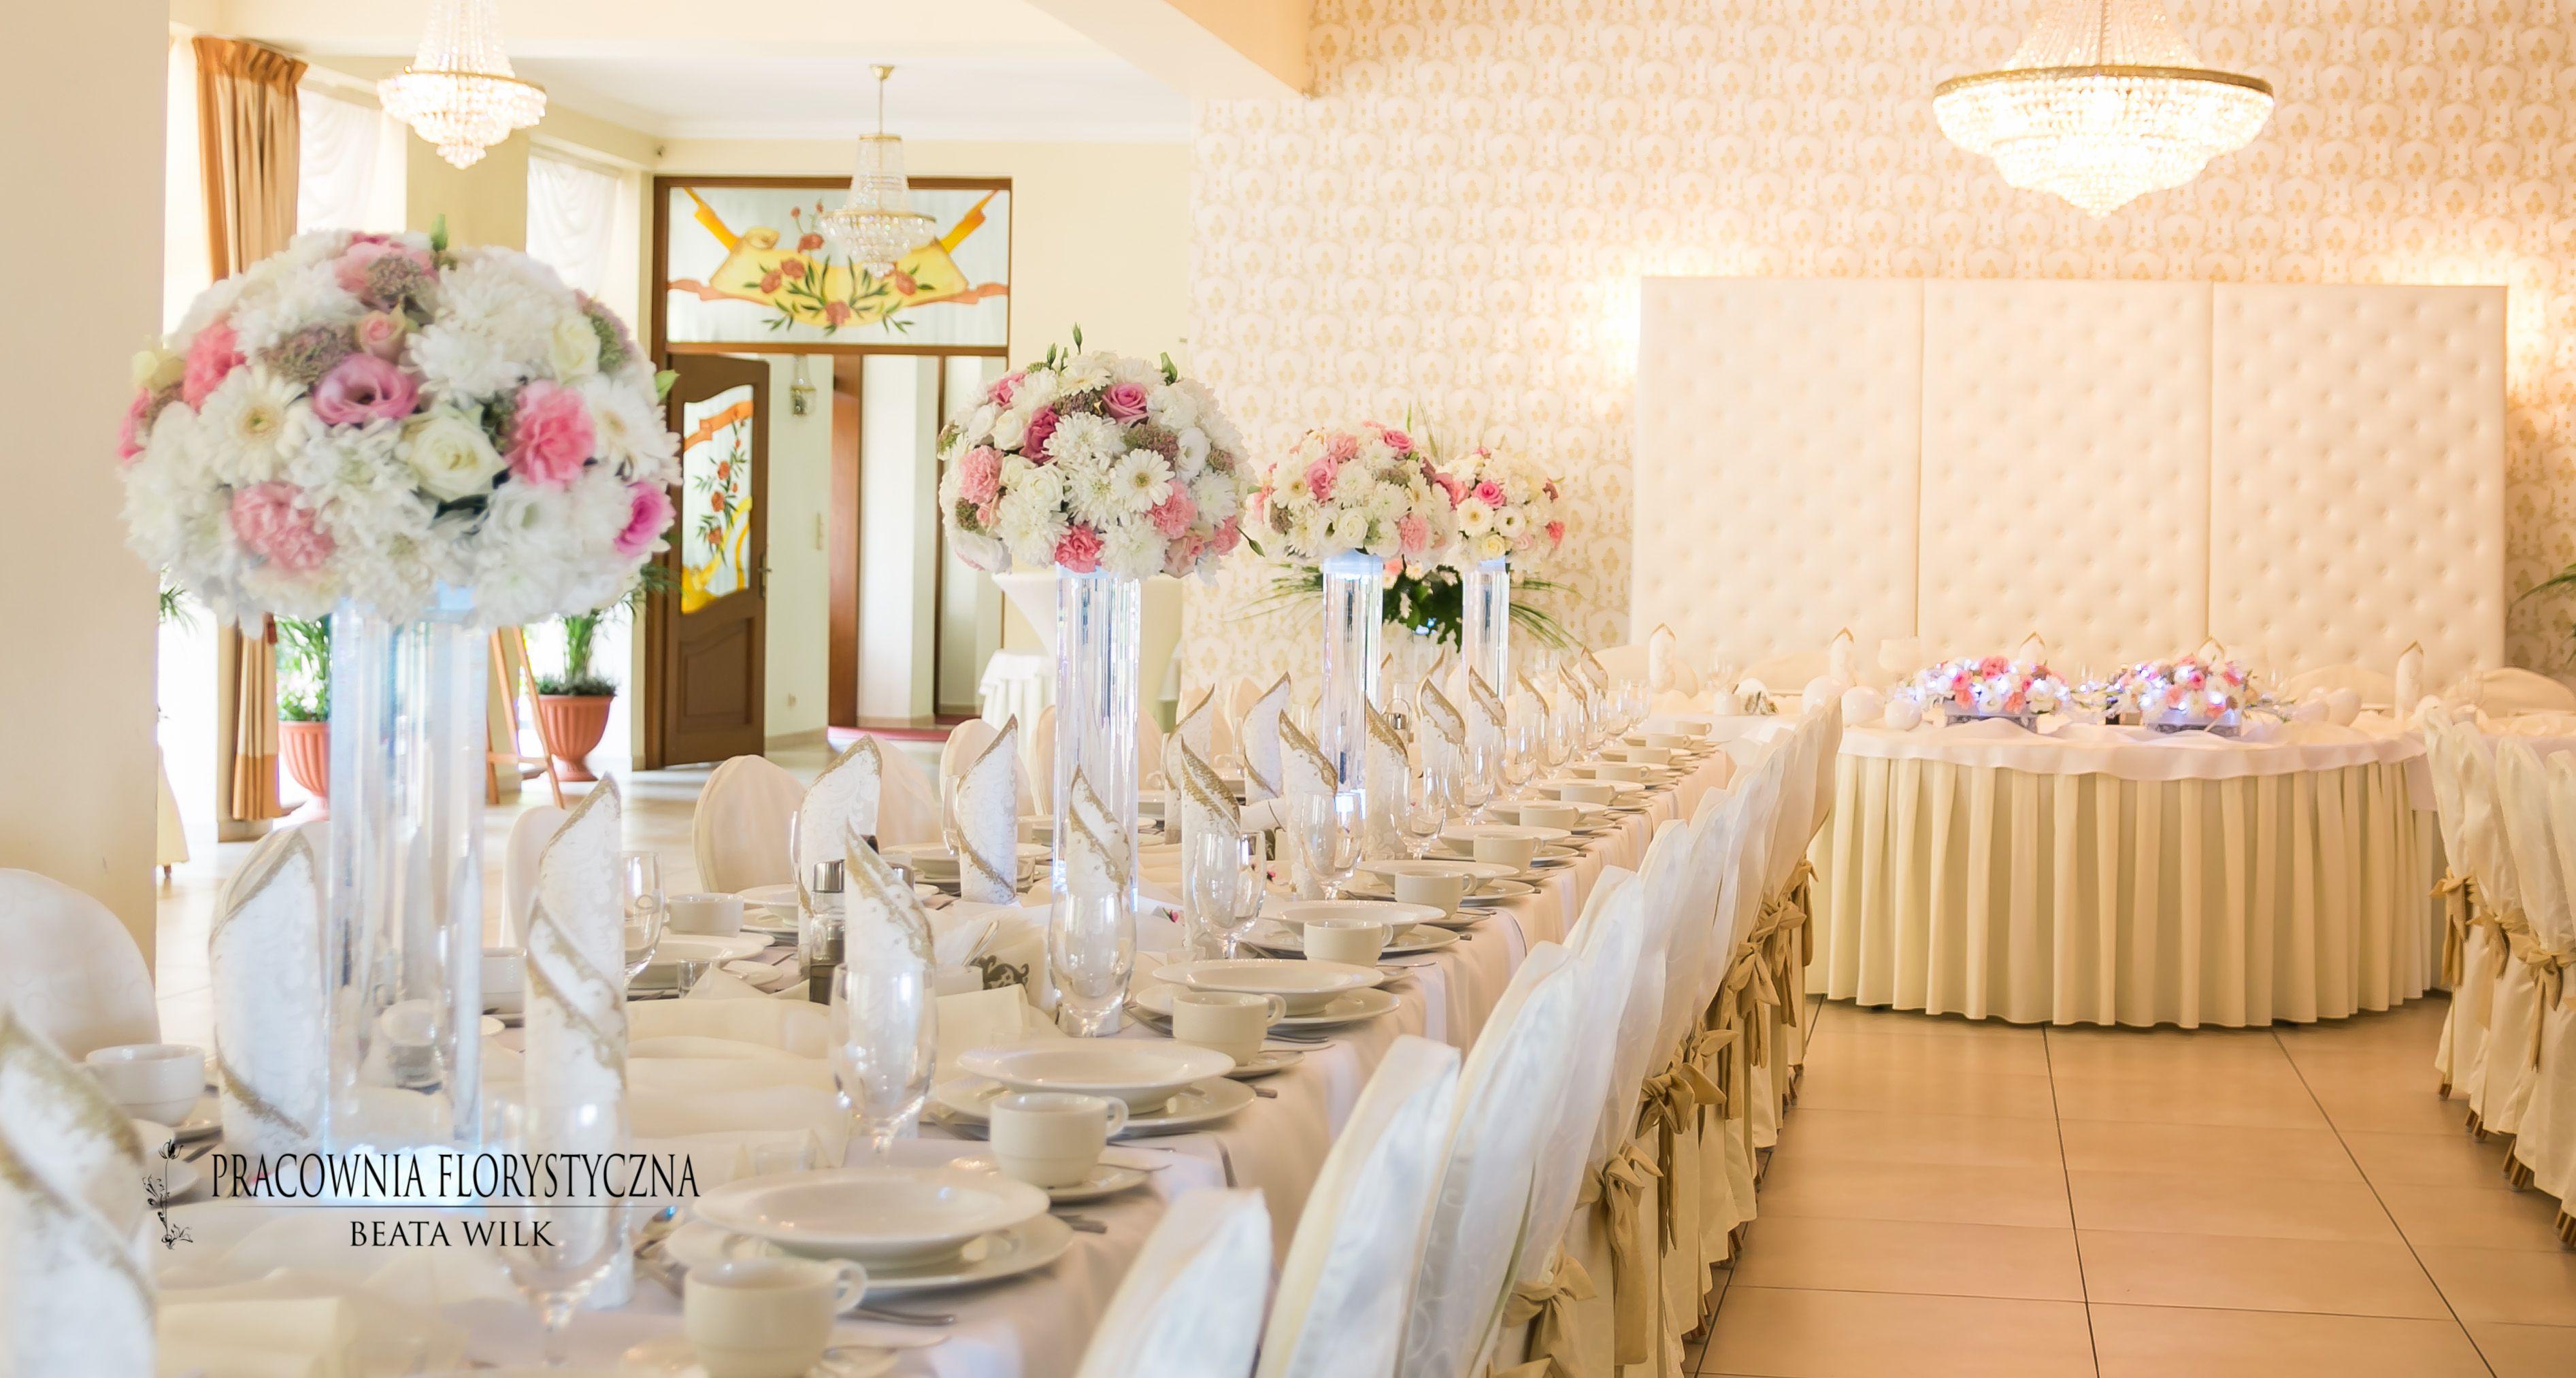 Dekoracja Sali Weselnej Szklane Tuby Podswietlane Pikowany Parawan Table Decorations Decor Home Decor